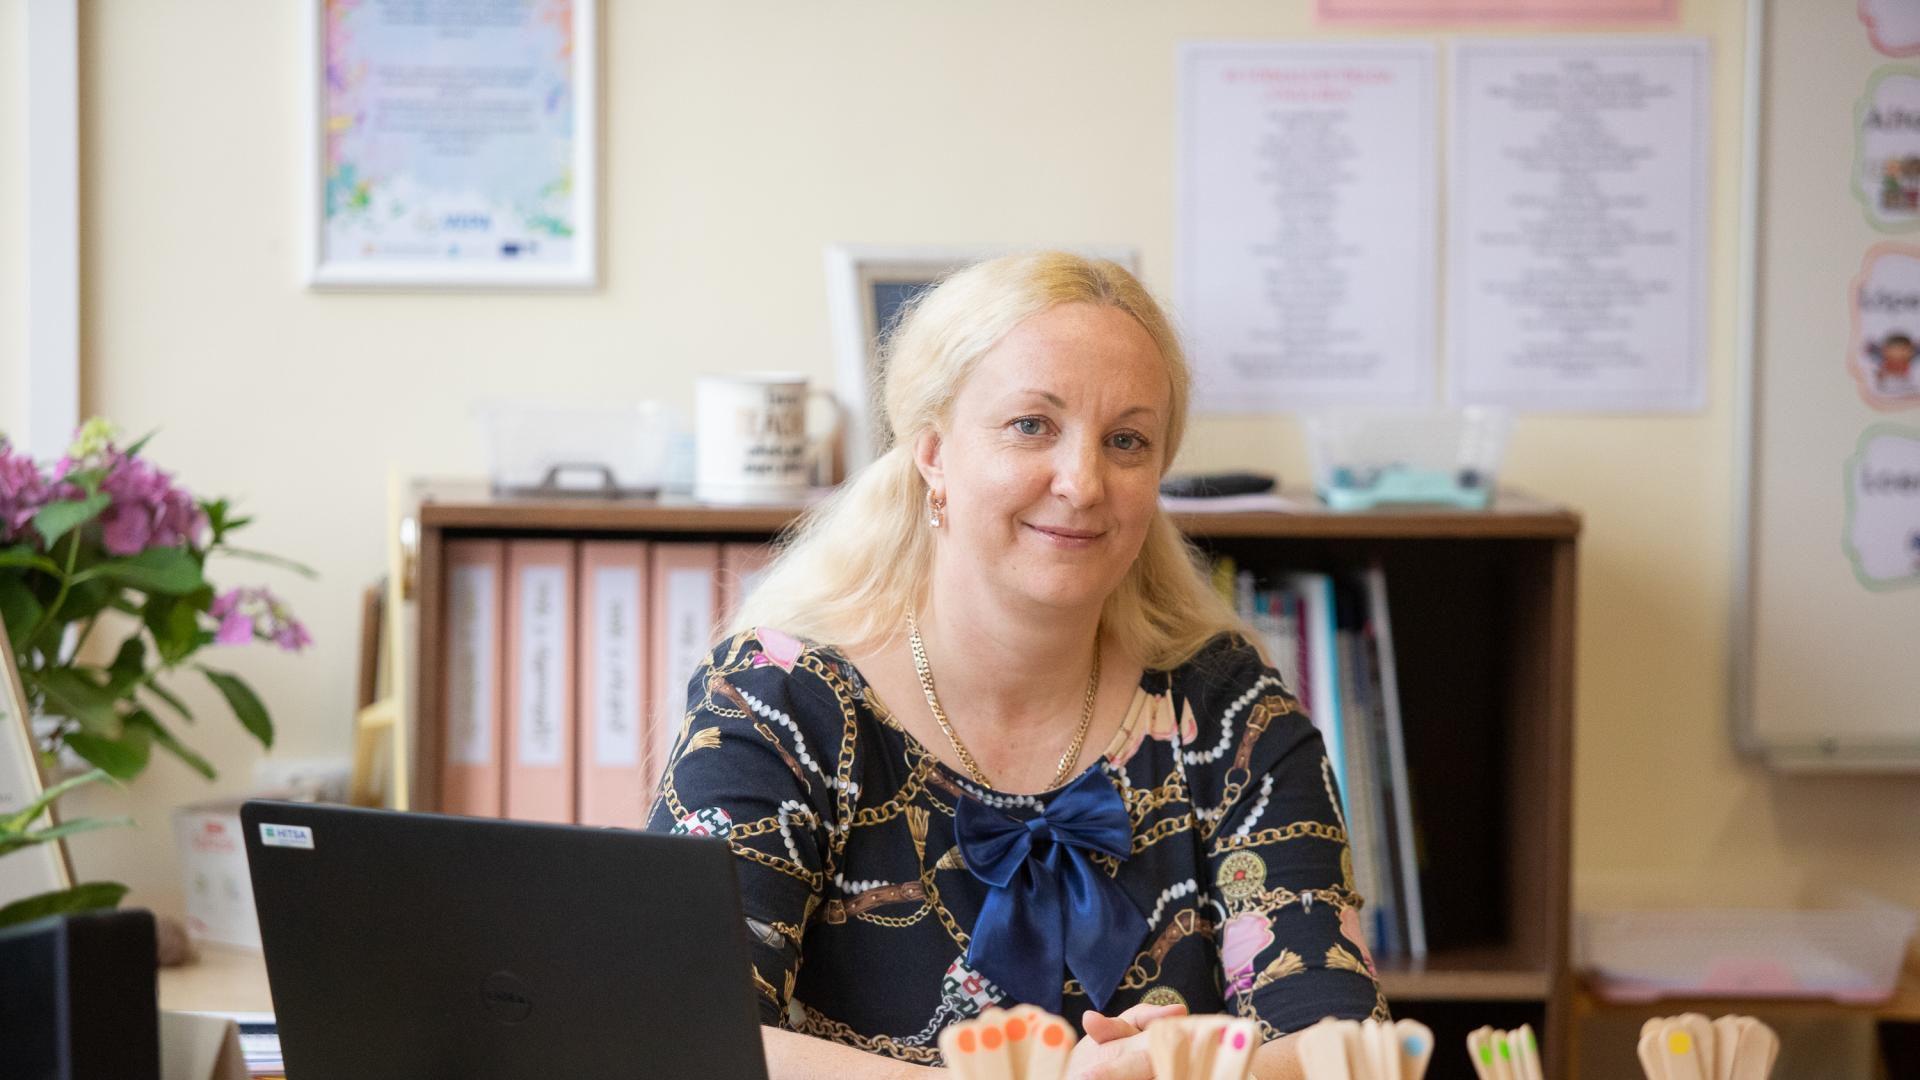 Aasta ettevõtliku õpetaja tiitli nominentide seas on Evelin Teiva ja Mari Luik